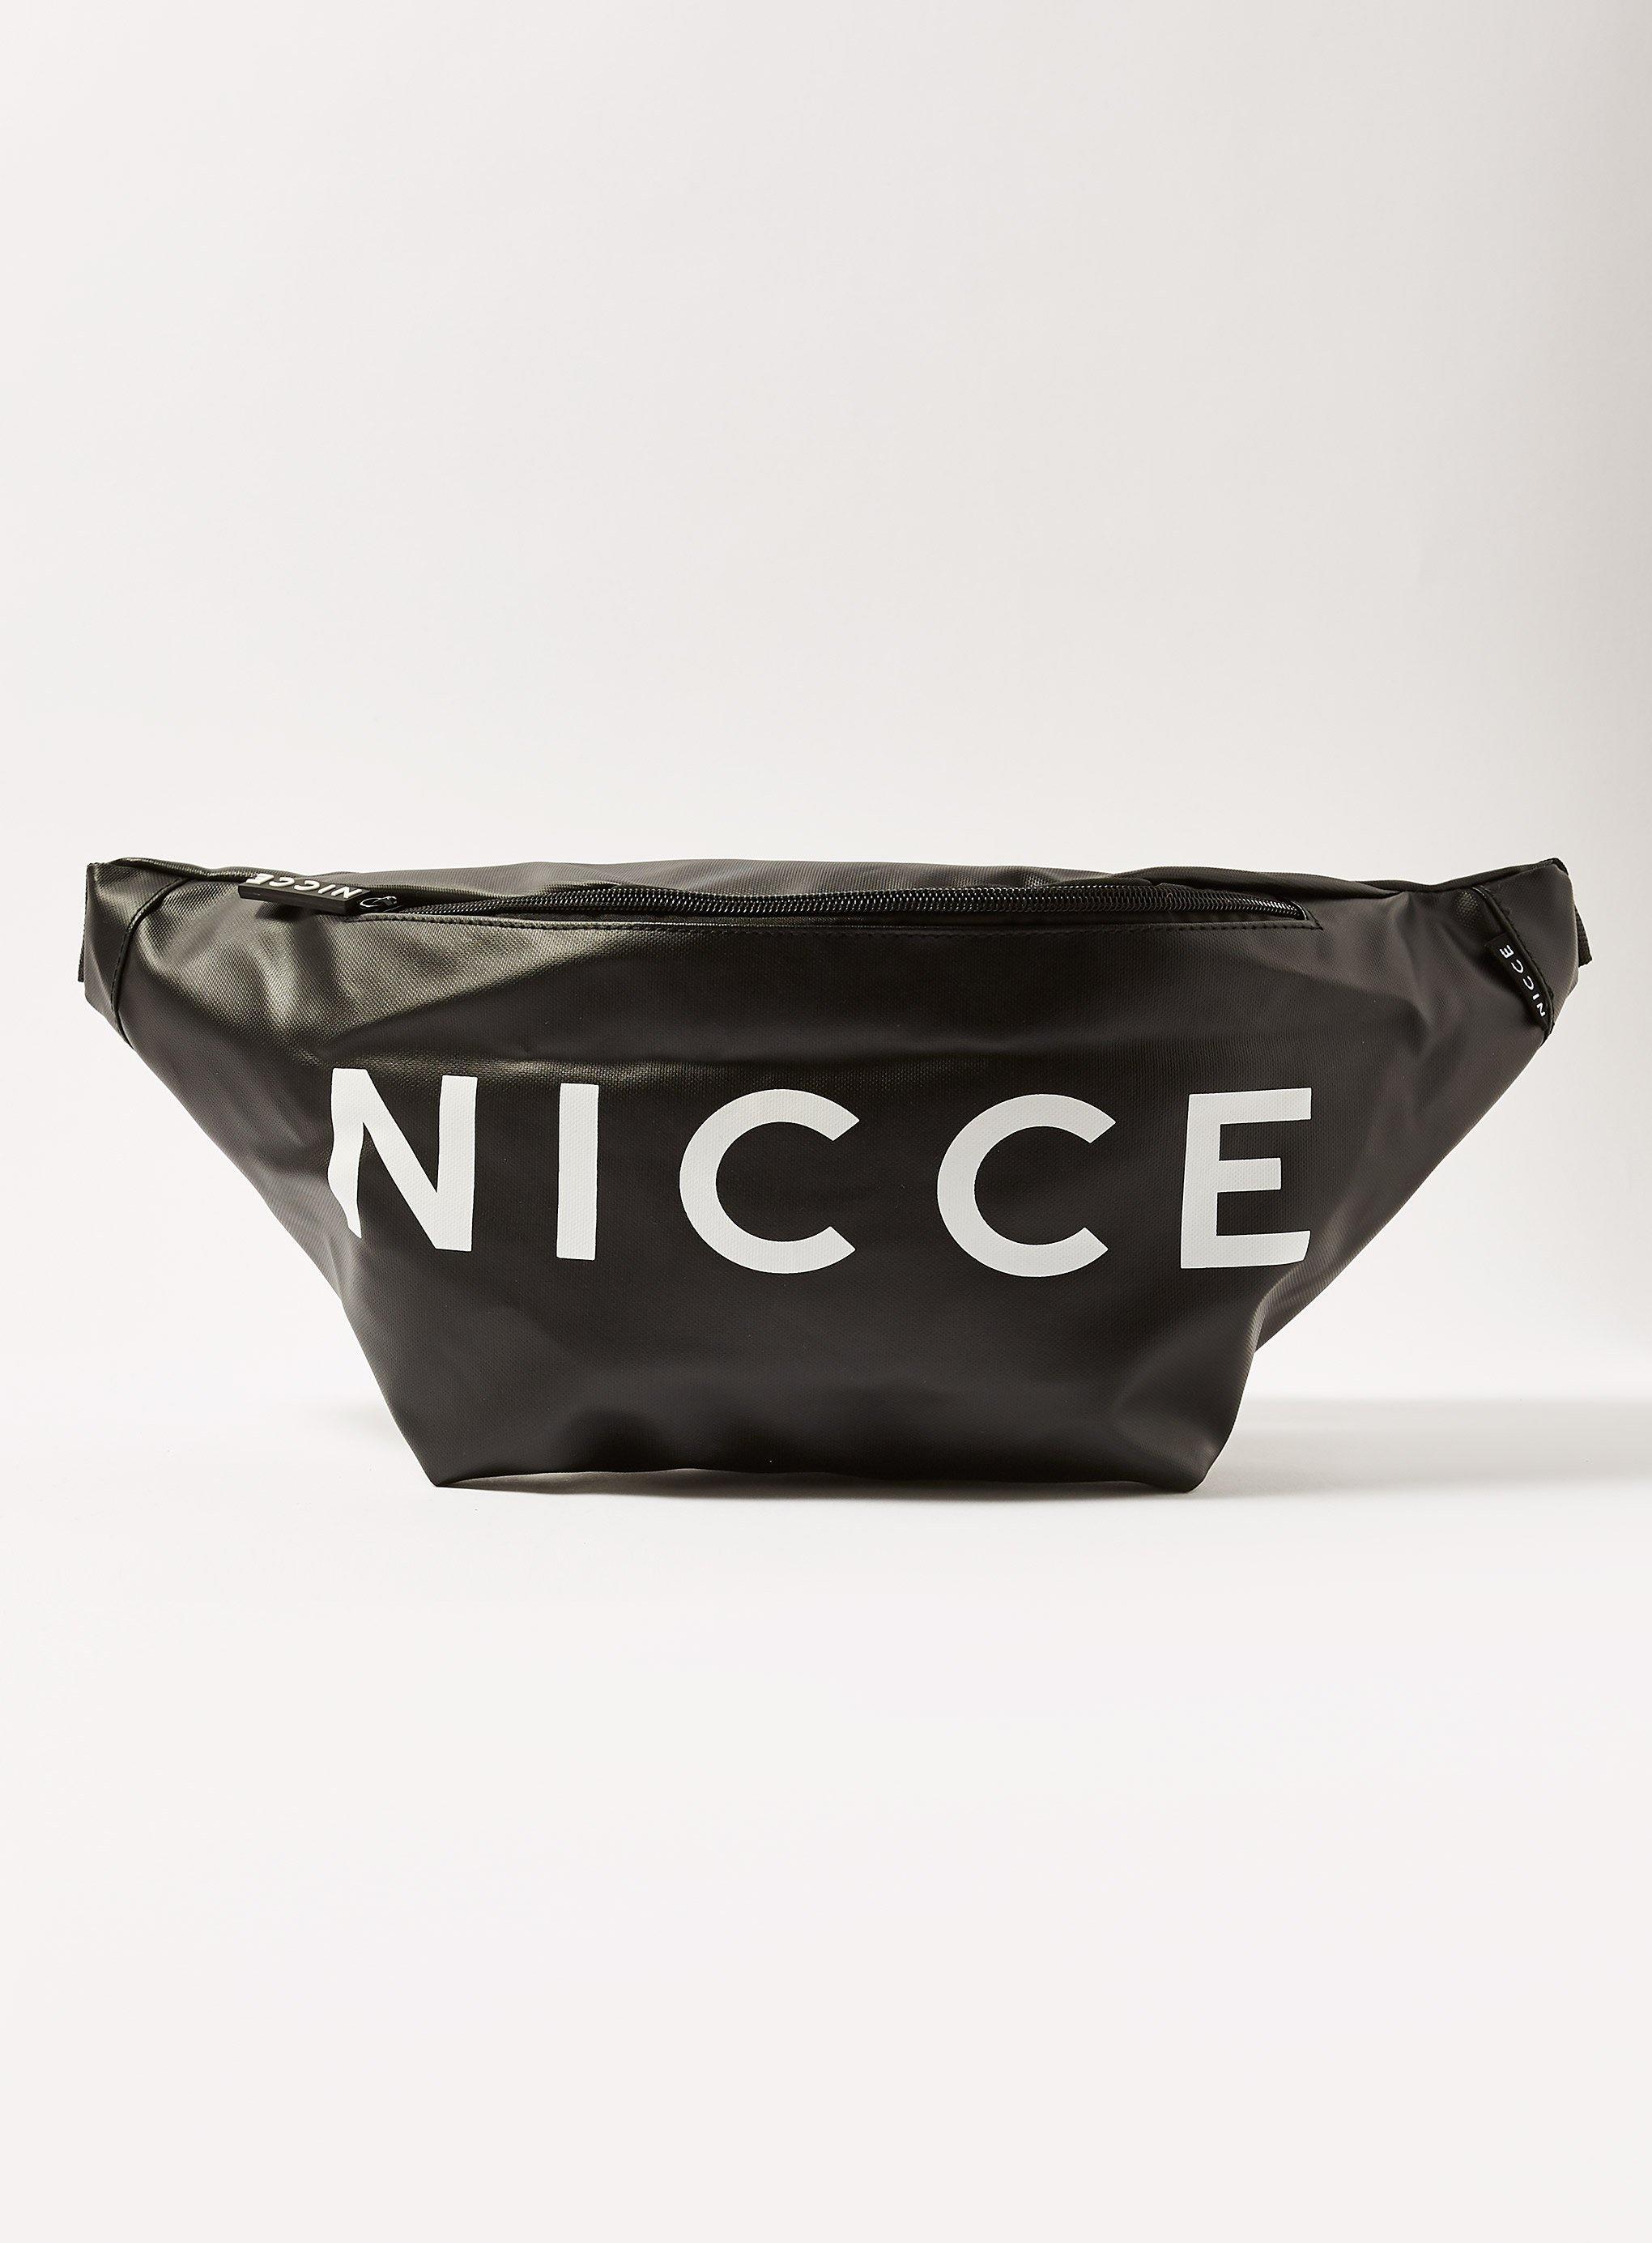 Lyst - Topman Nicce zero  Large Logo Cross Body Bag in Black for Men 604f73f07a224